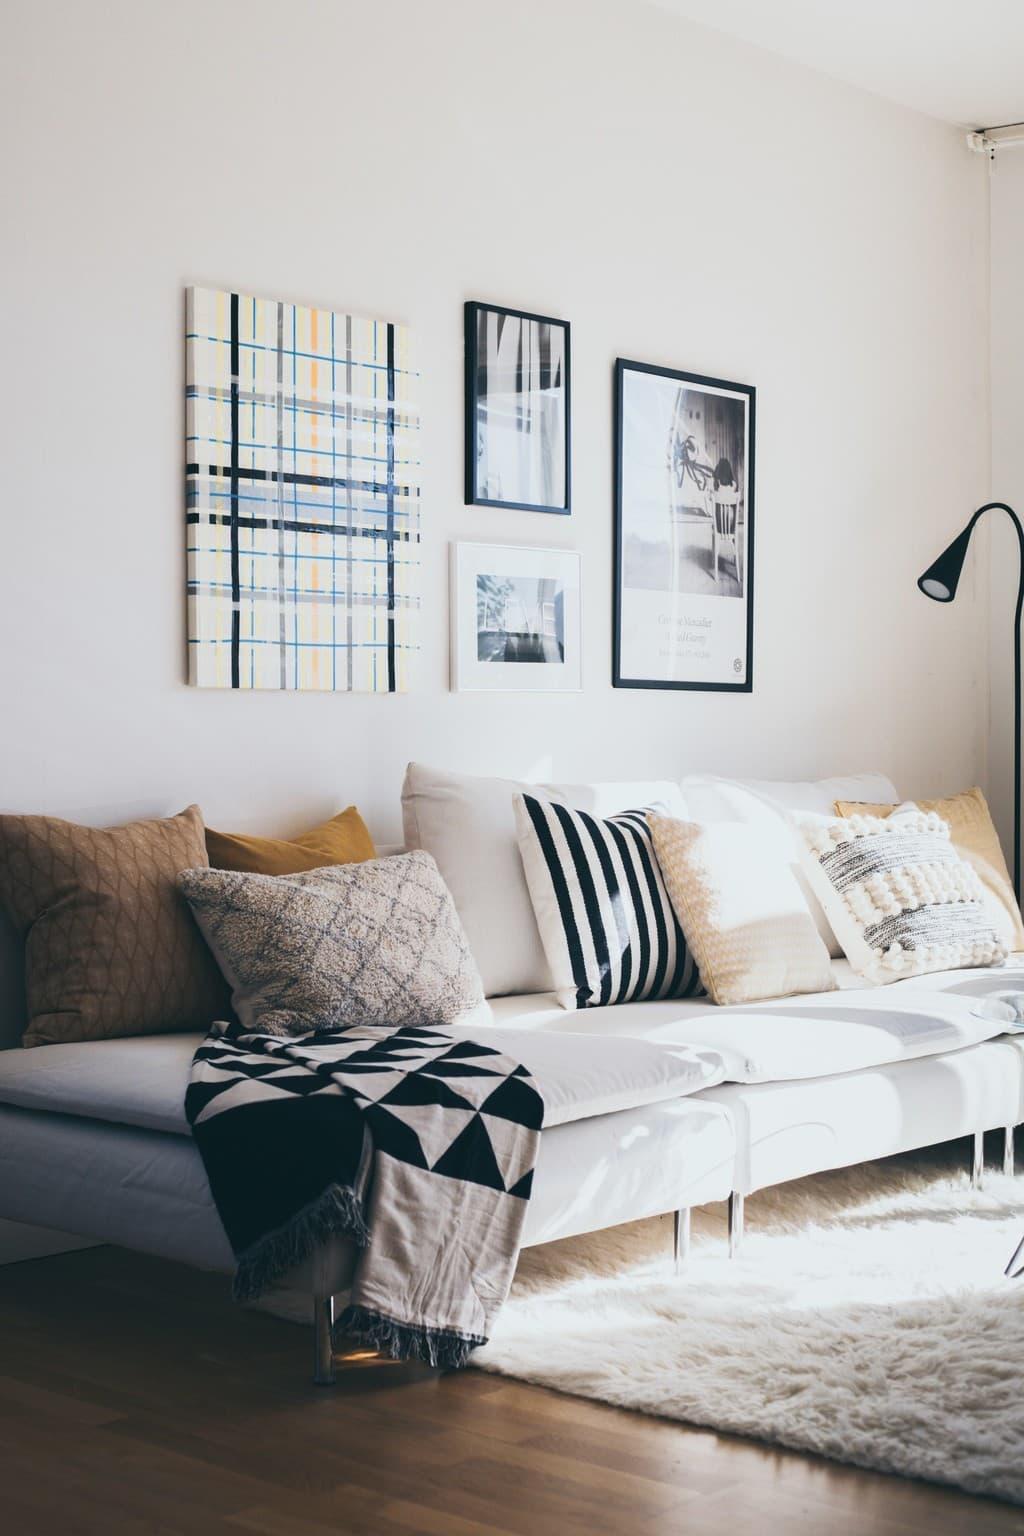 vit soffa med massa kuddar och tavlor ovanför